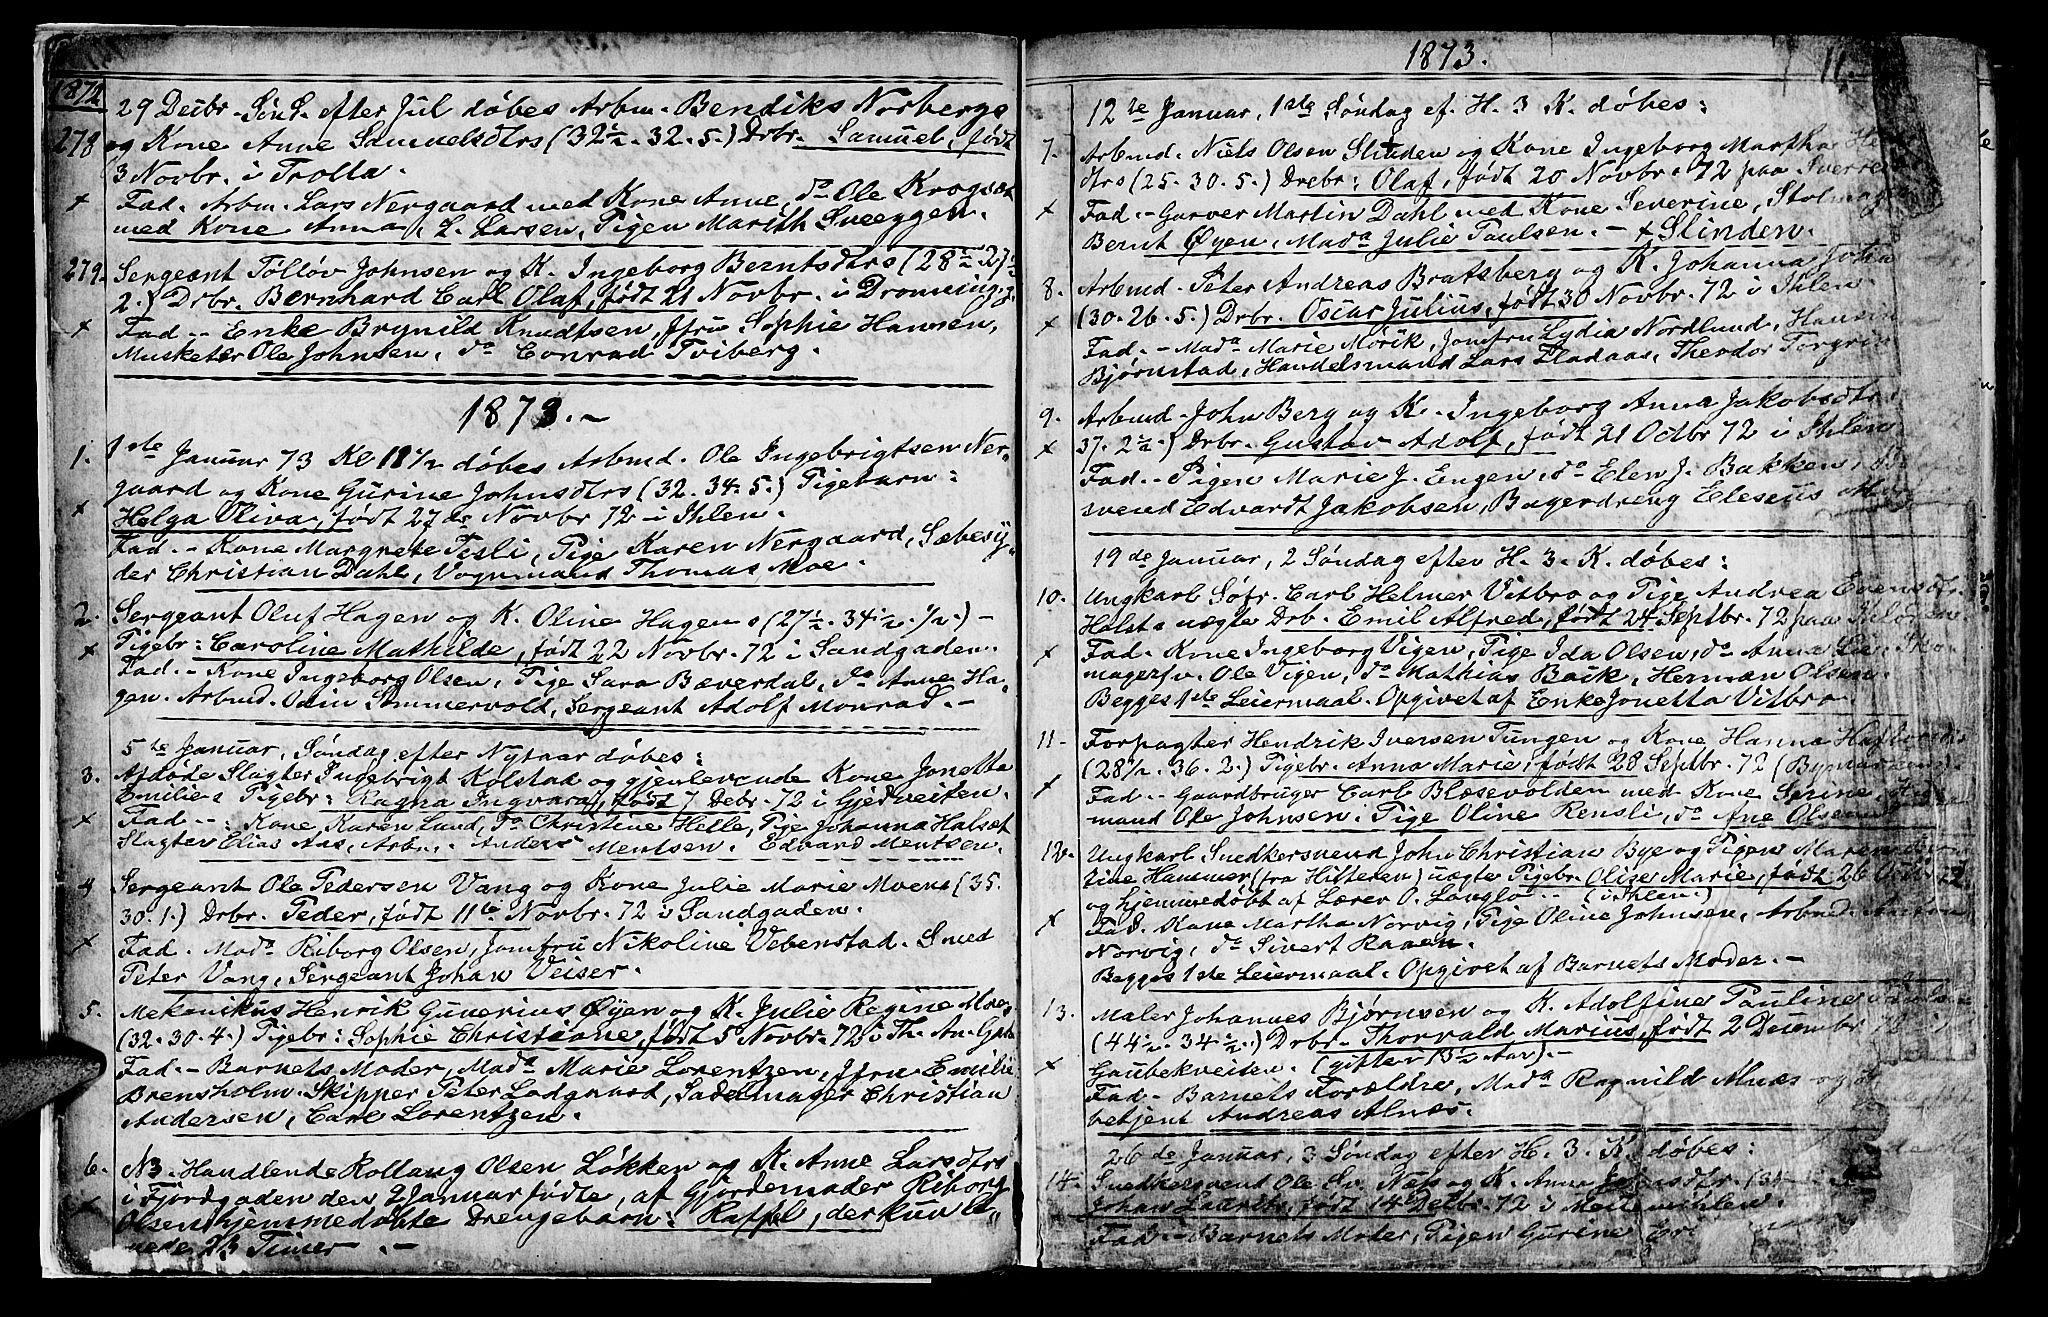 SAT, Ministerialprotokoller, klokkerbøker og fødselsregistre - Sør-Trøndelag, 602/L0142: Klokkerbok nr. 602C10, 1872-1894, s. 11